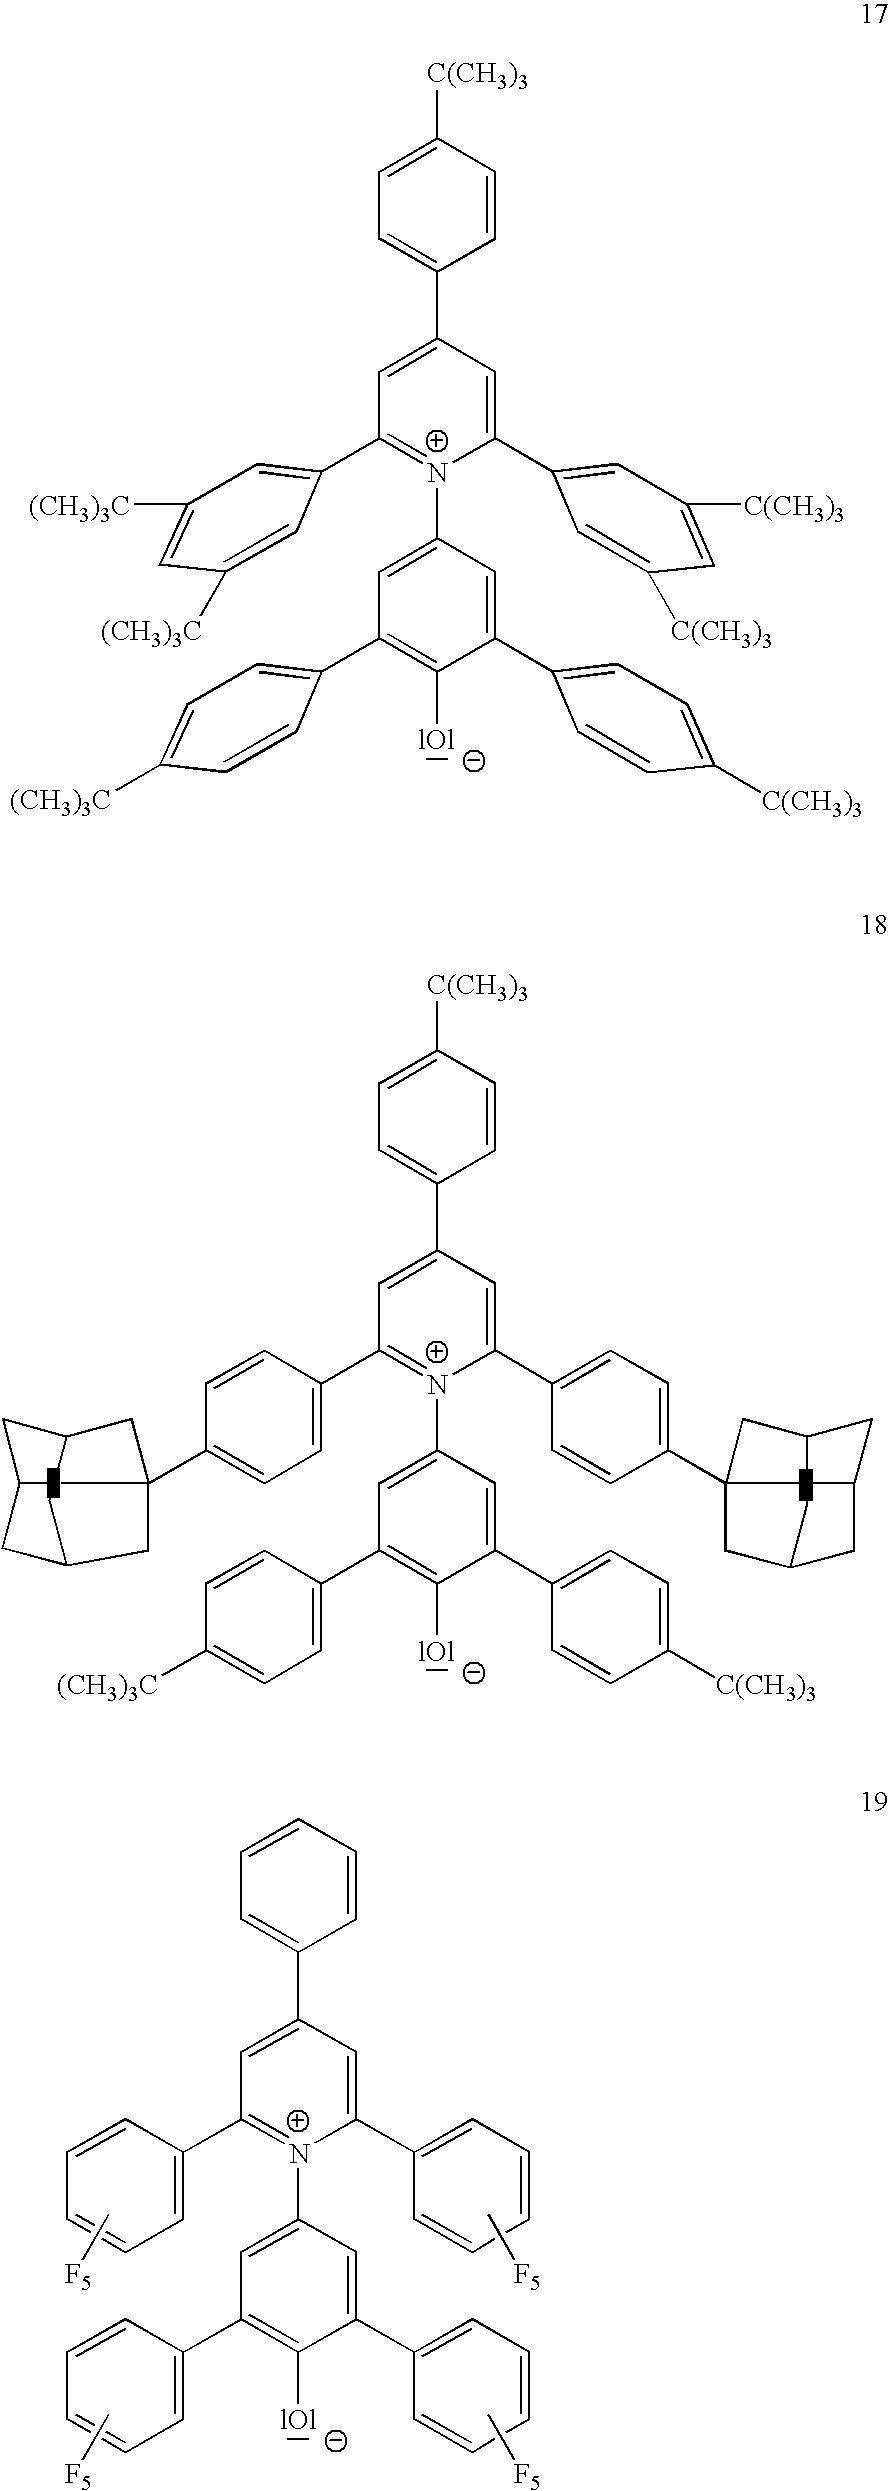 Figure US20060134728A1-20060622-C00009